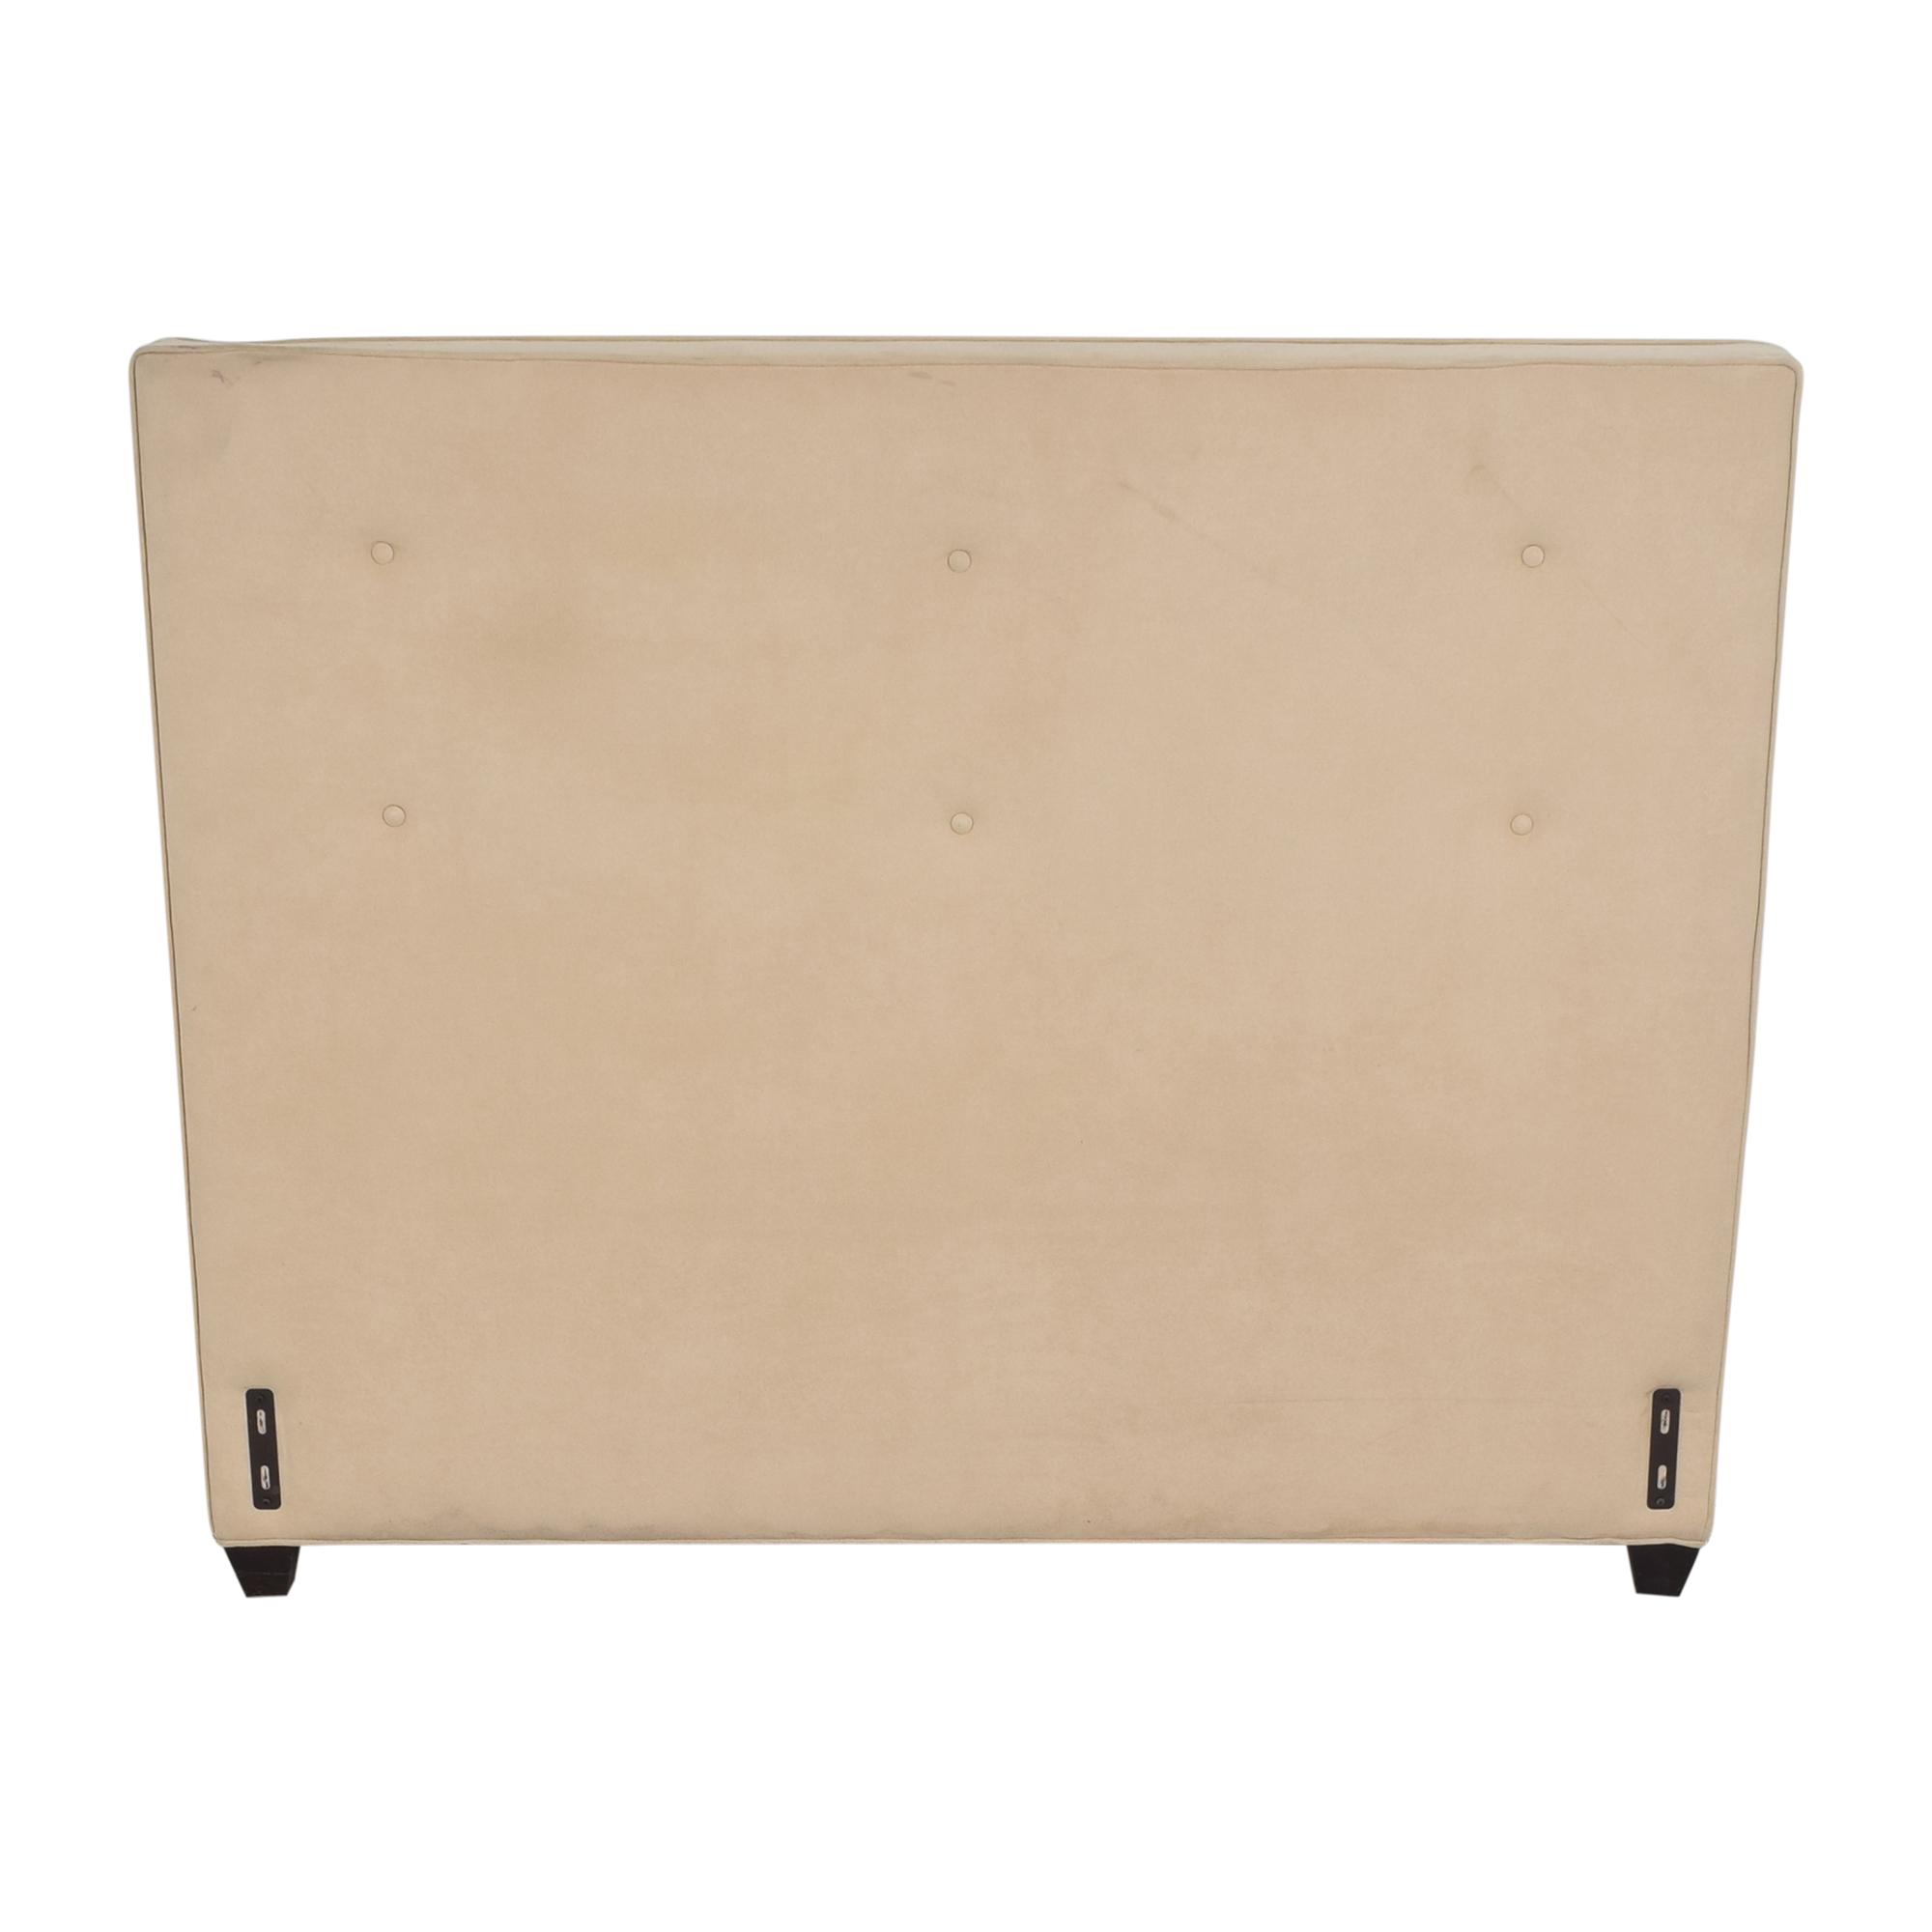 Crate & Barrel Tufted Queen Headboard  / Beds